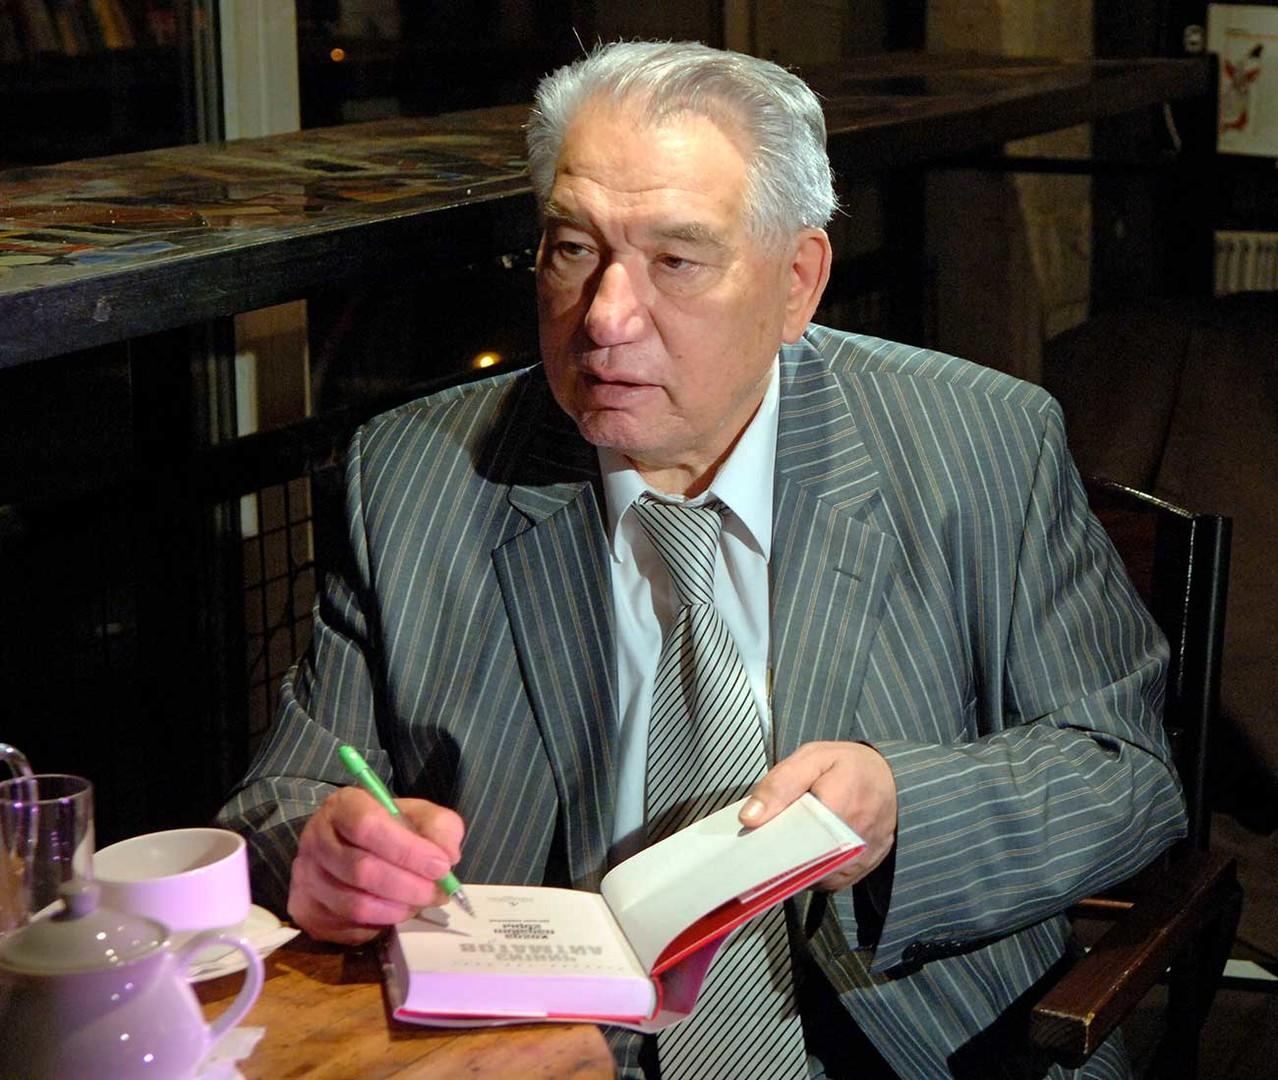 Aitmátov trouxe do Quirguistão rural uma literatura com a imensidão das estepes em que o homem é apenas uma parte ínfima da natureza.